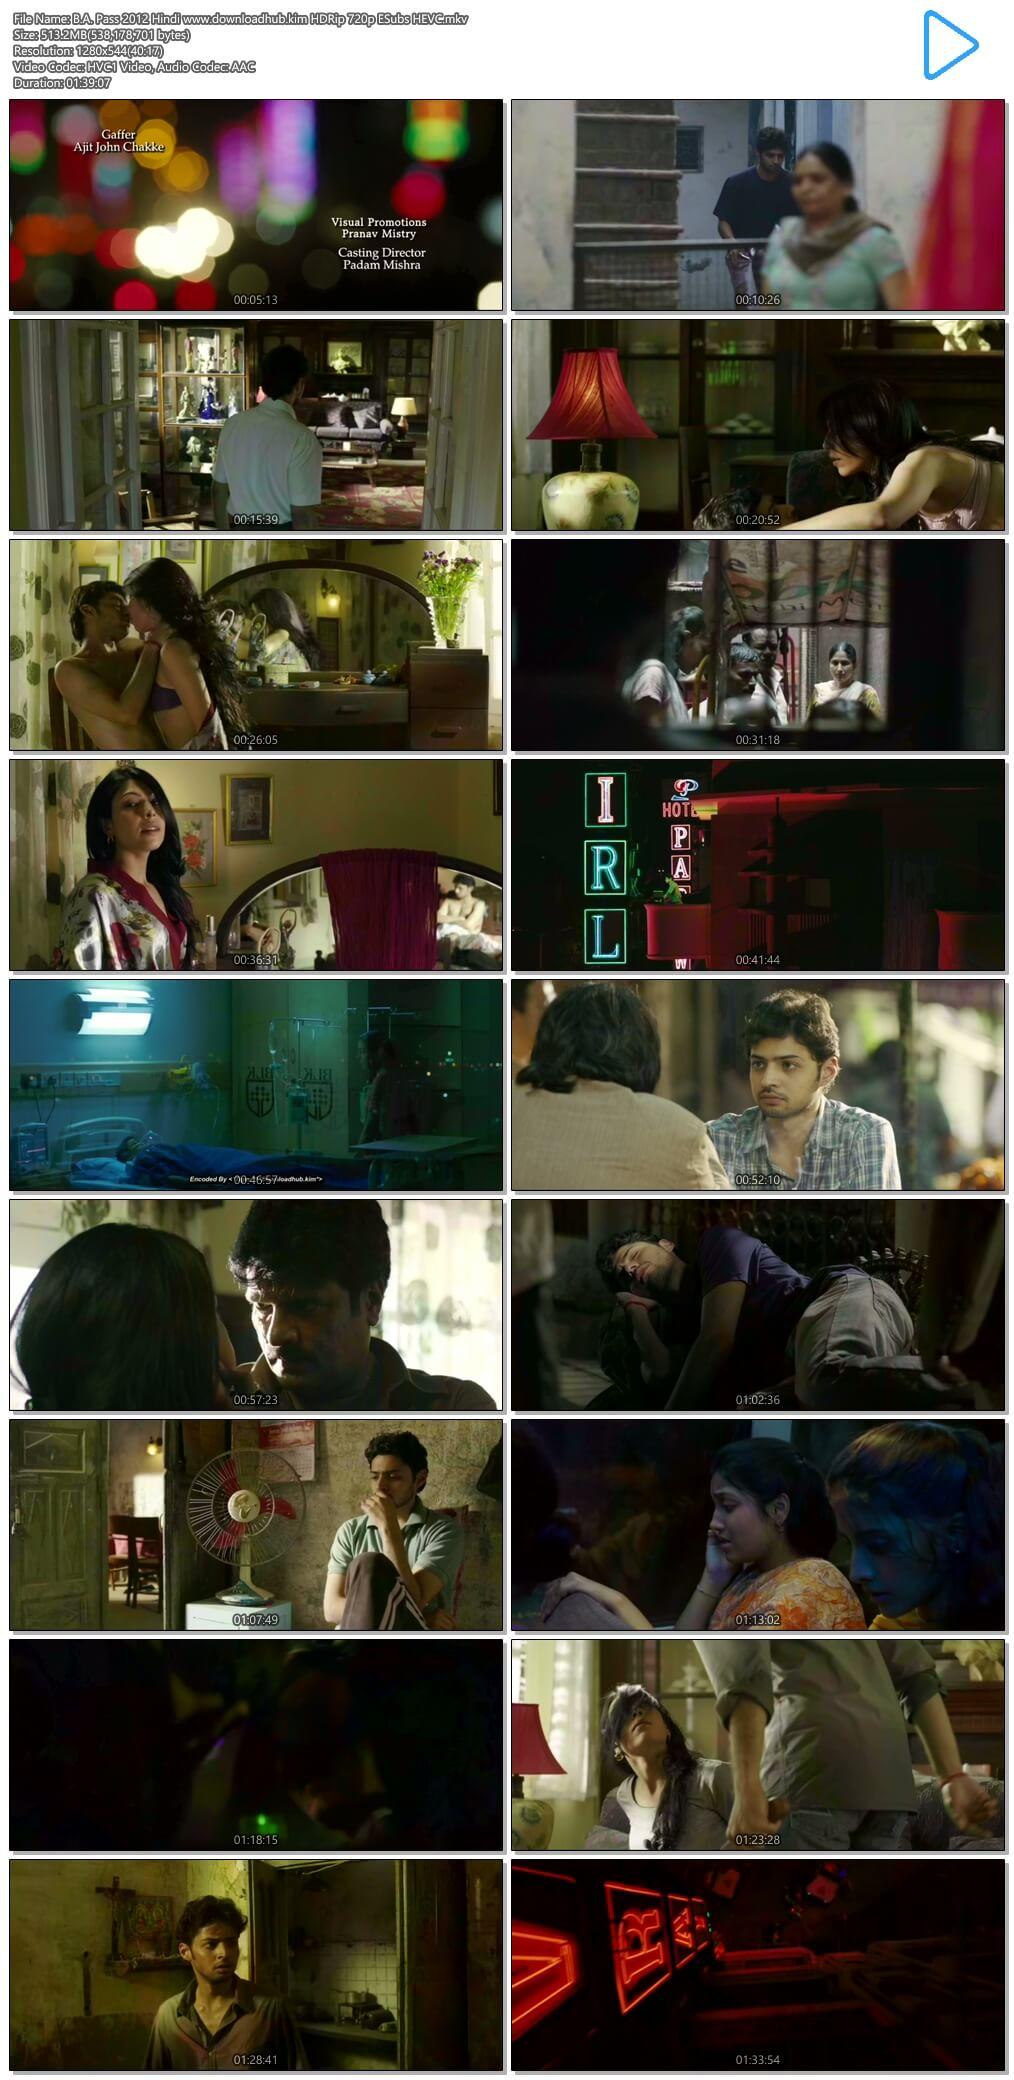 B.A. Pass 2012 Hindi 500MB HDRip 720p ESubs HEVC